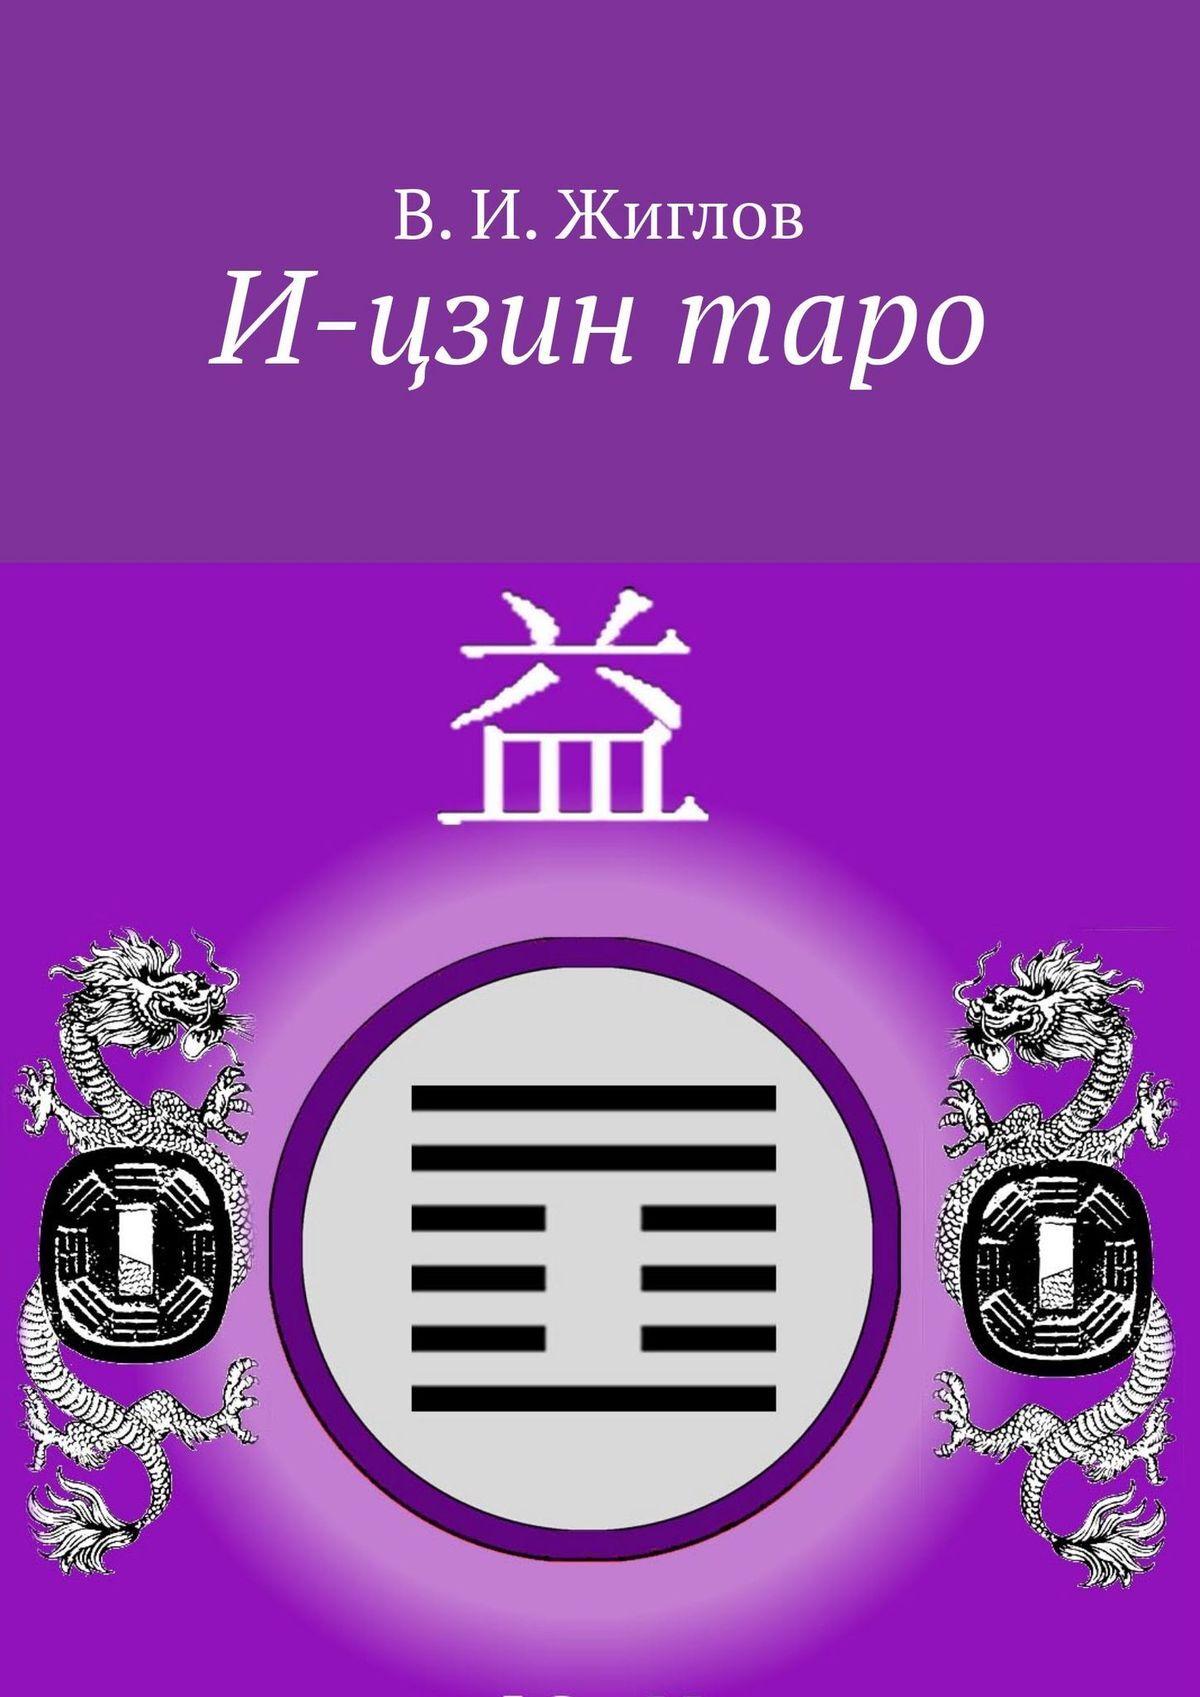 И-цзинтаро